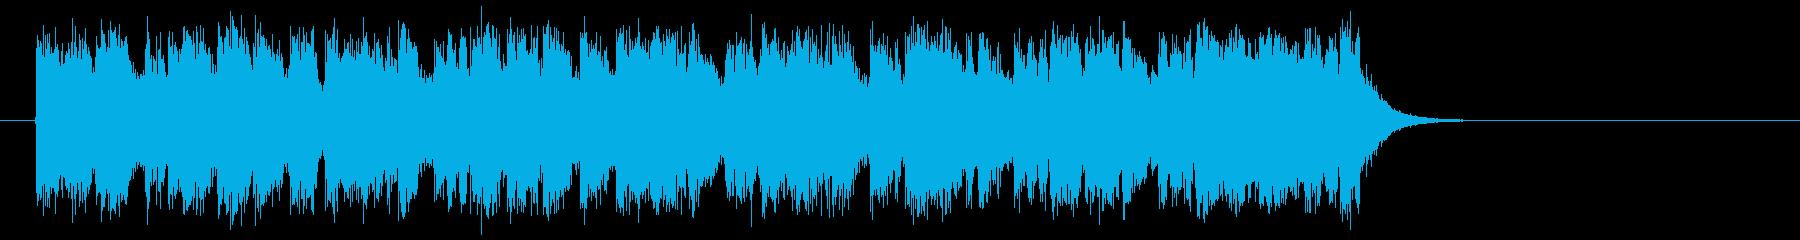 勇者のオーケストラ風音楽(イントロ)の再生済みの波形